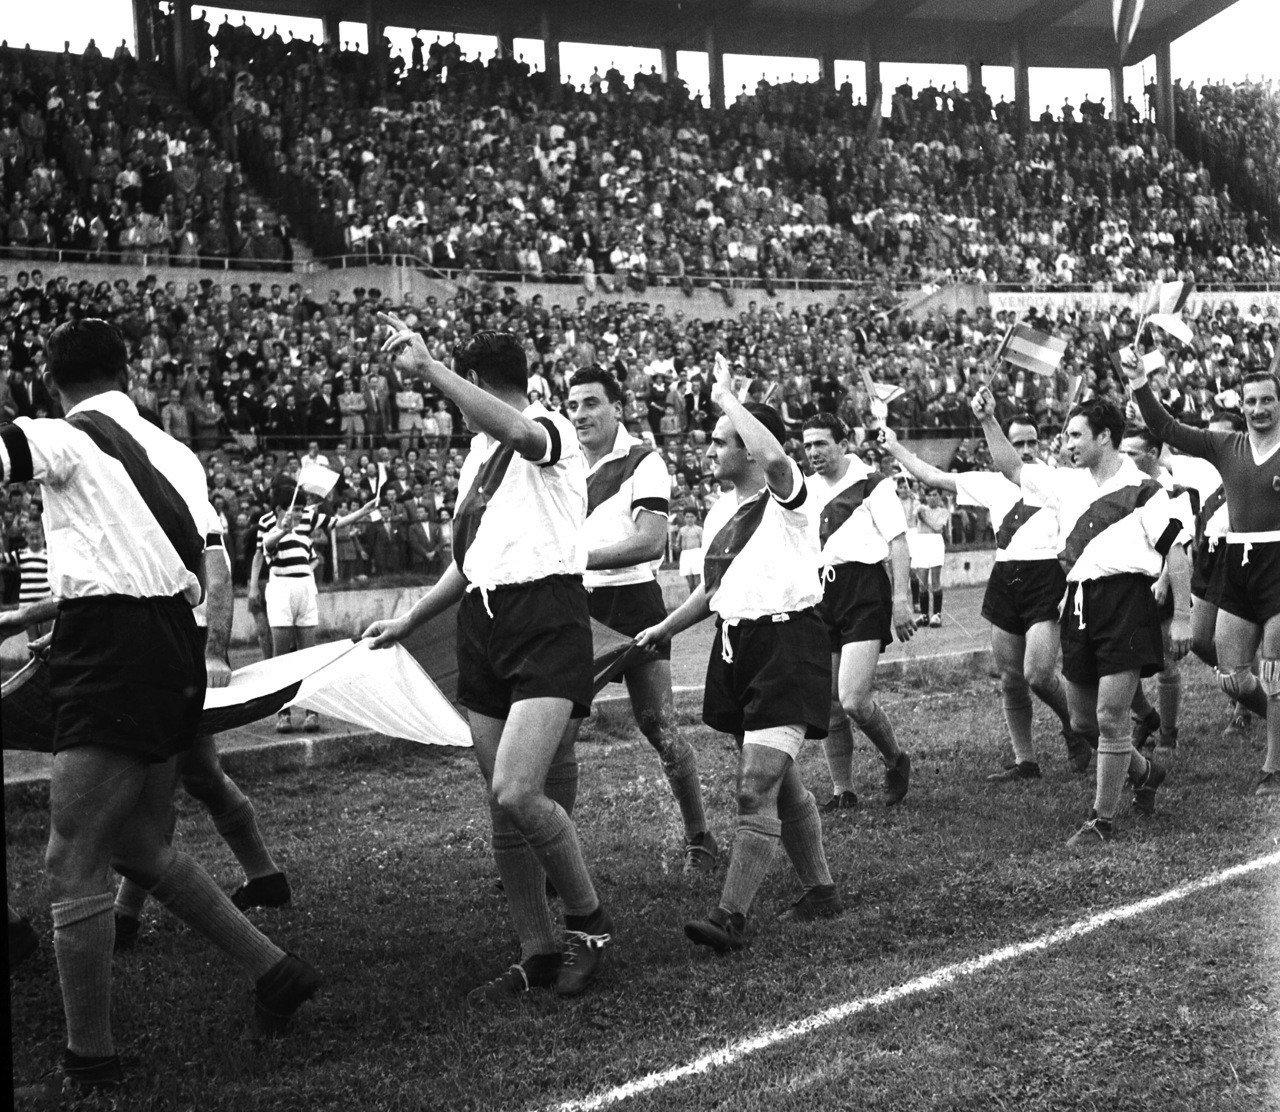 Torino Simbolo-River Plate: la partita che nasconde uno dei più bei gesti di solidarietà che la storia del calcio ricordi